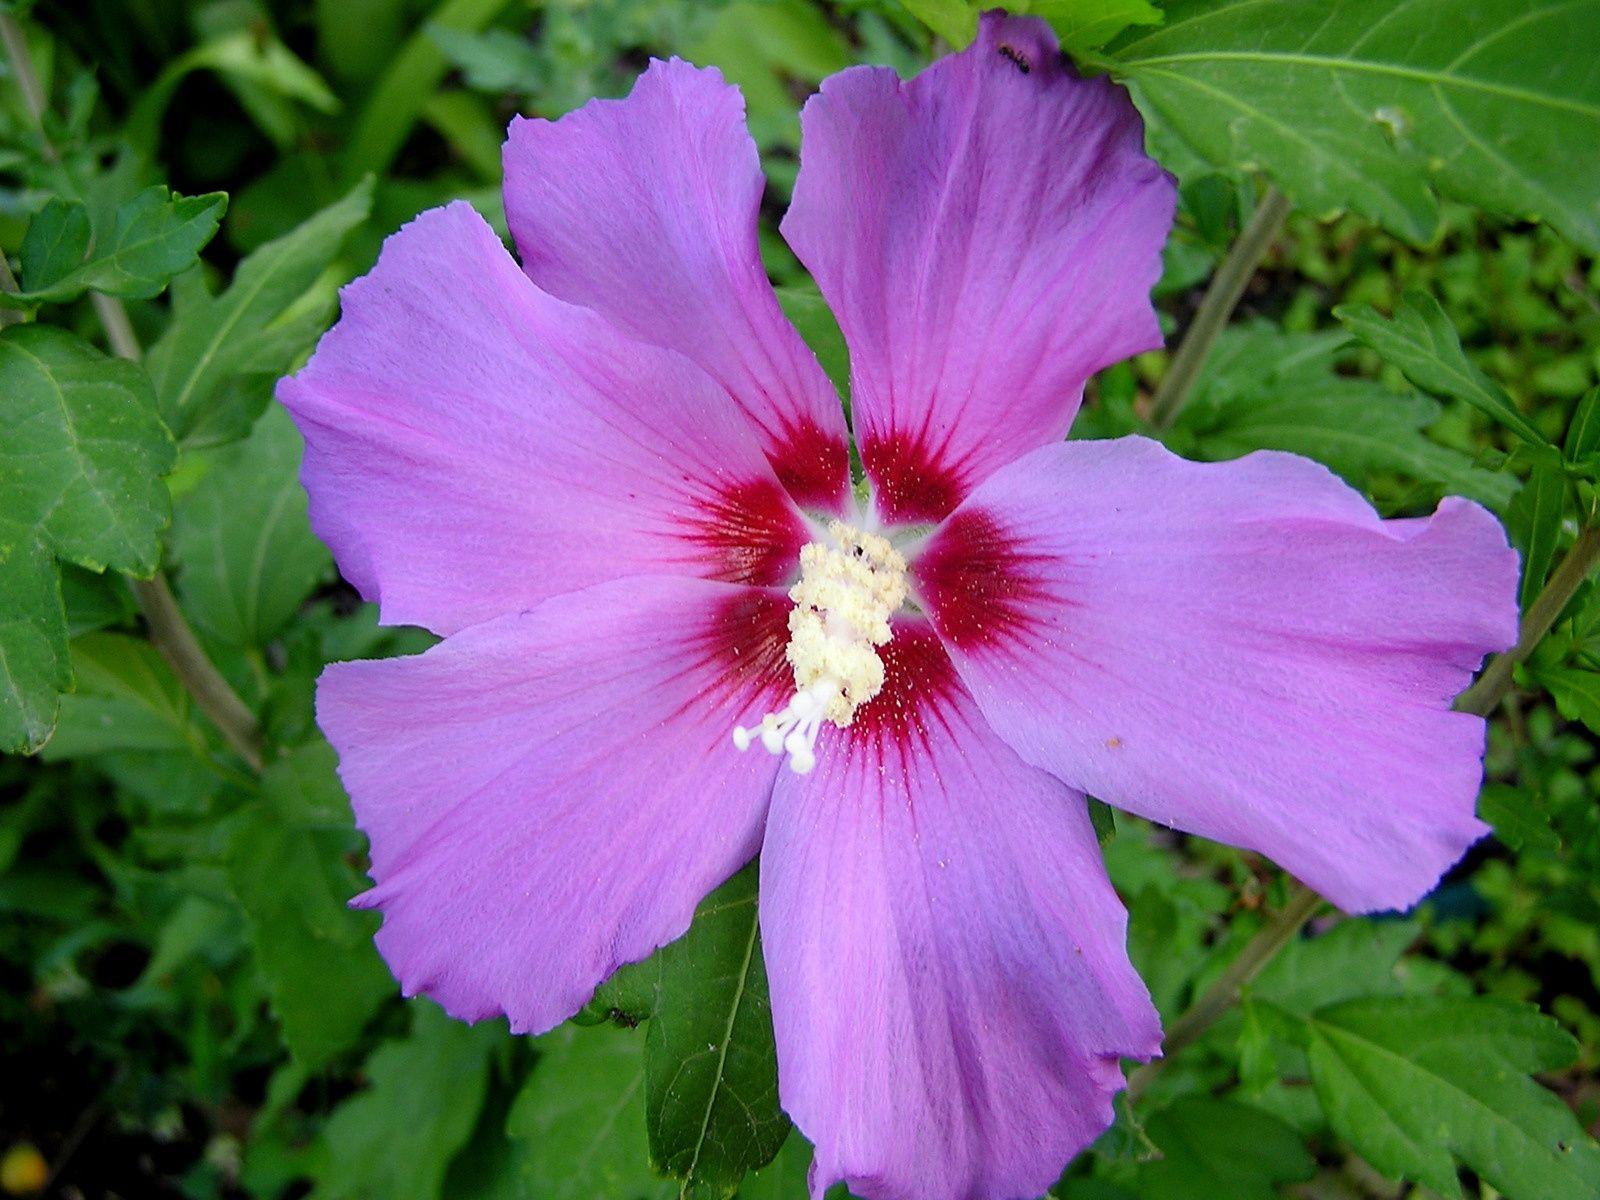 les althéas c'est le plein boum fleur ouverte le  matin , fleur à terre le soir certains les ramassent pour  concocter de délicieux sirop